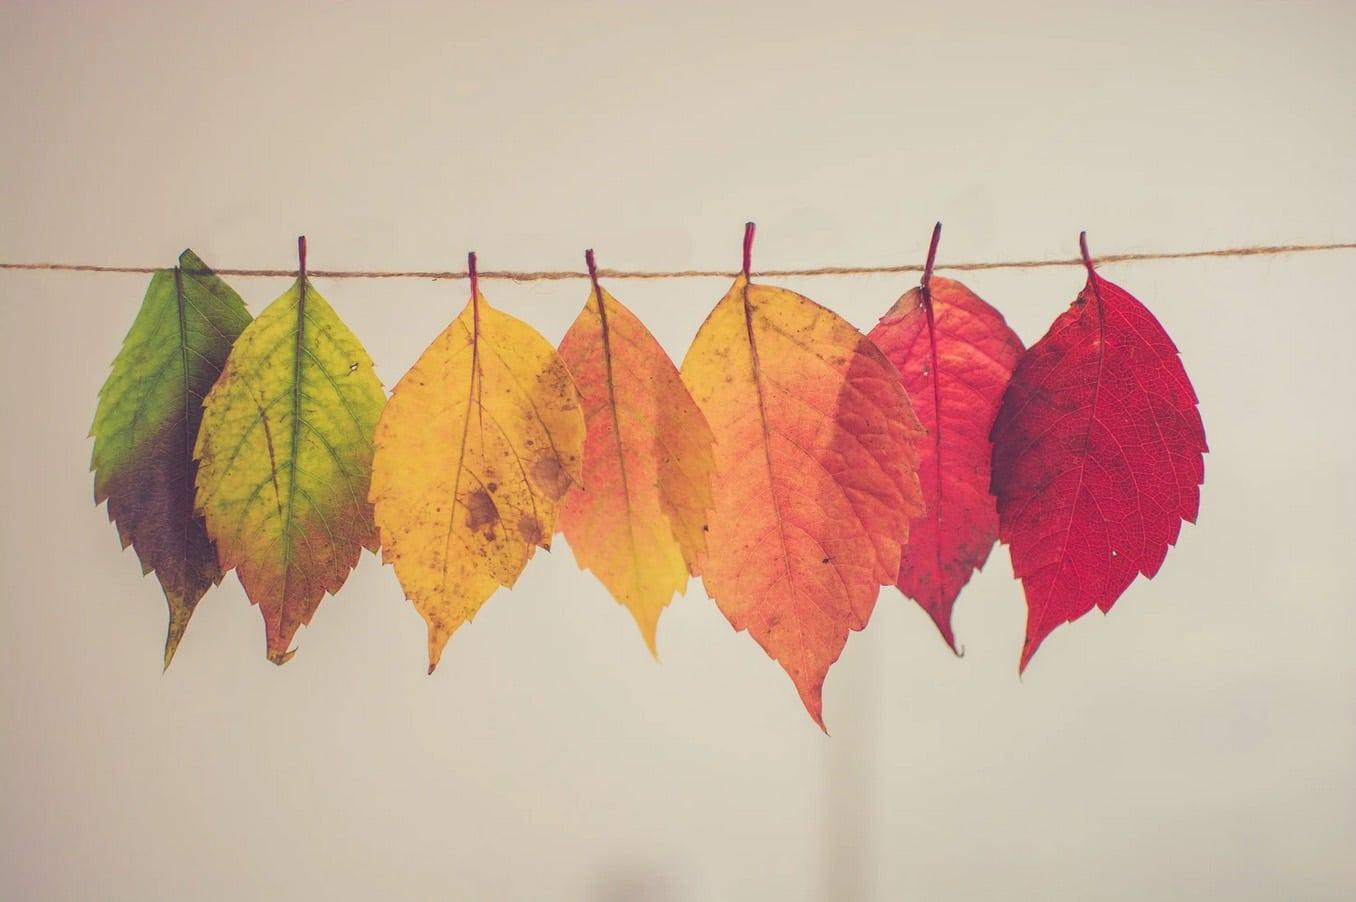 nouveautés automne wetall